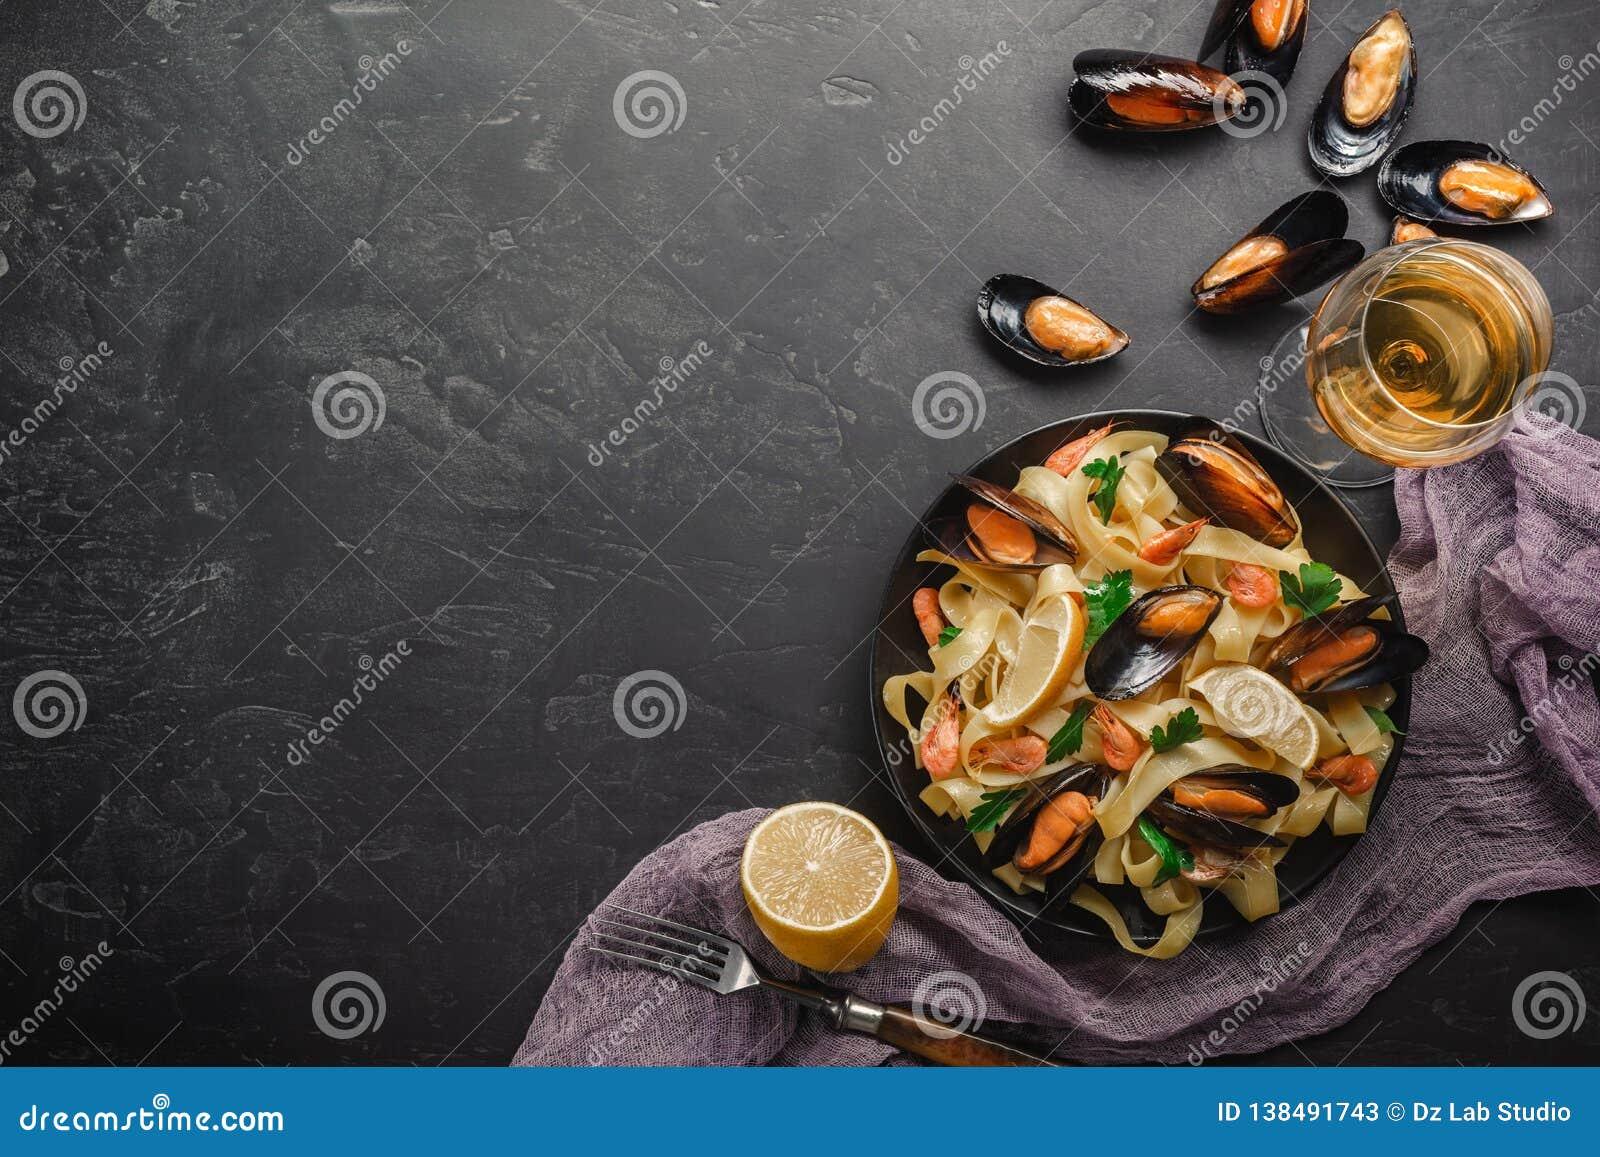 Spaghettis vongole, italienische Meeresfrüchteteigwaren mit Muscheln und Miesmuscheln, in der Platte mit Kräutern auf rustikalem